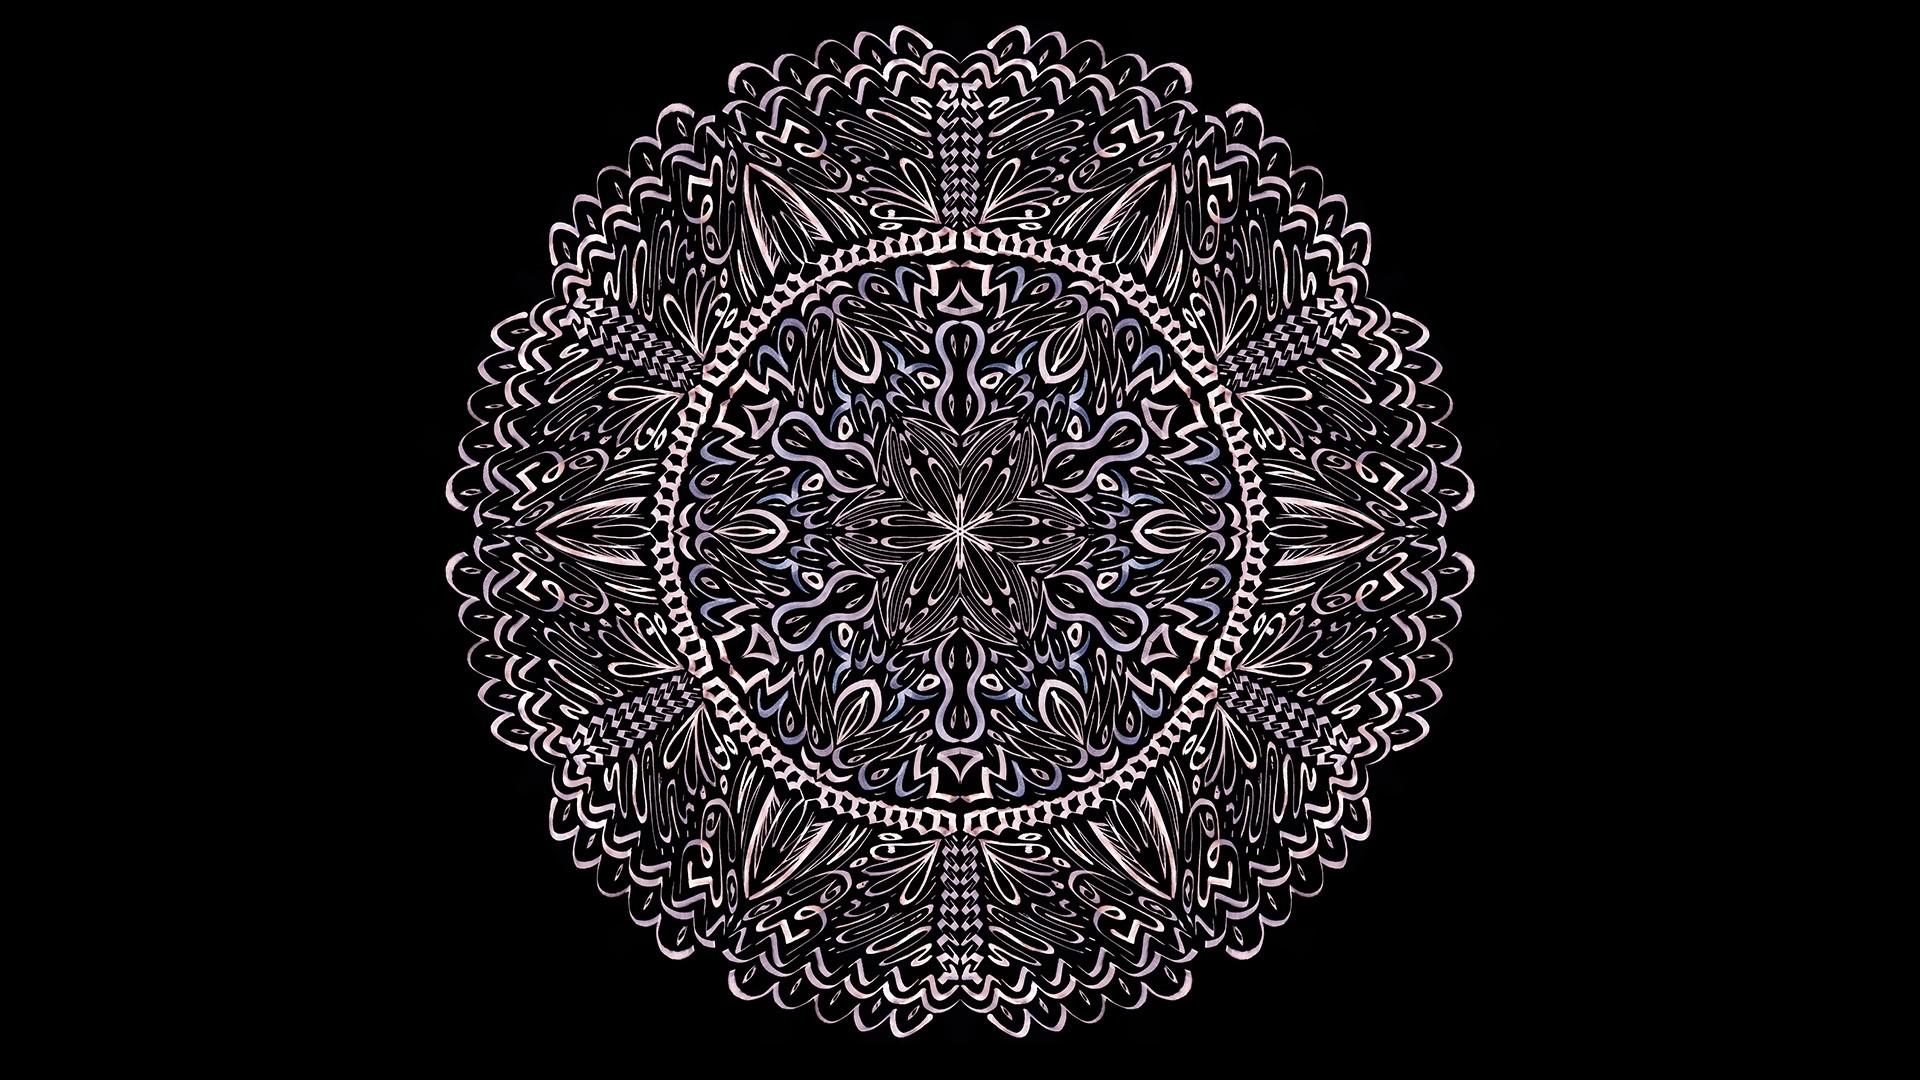 Mandala wallpaper photo hd